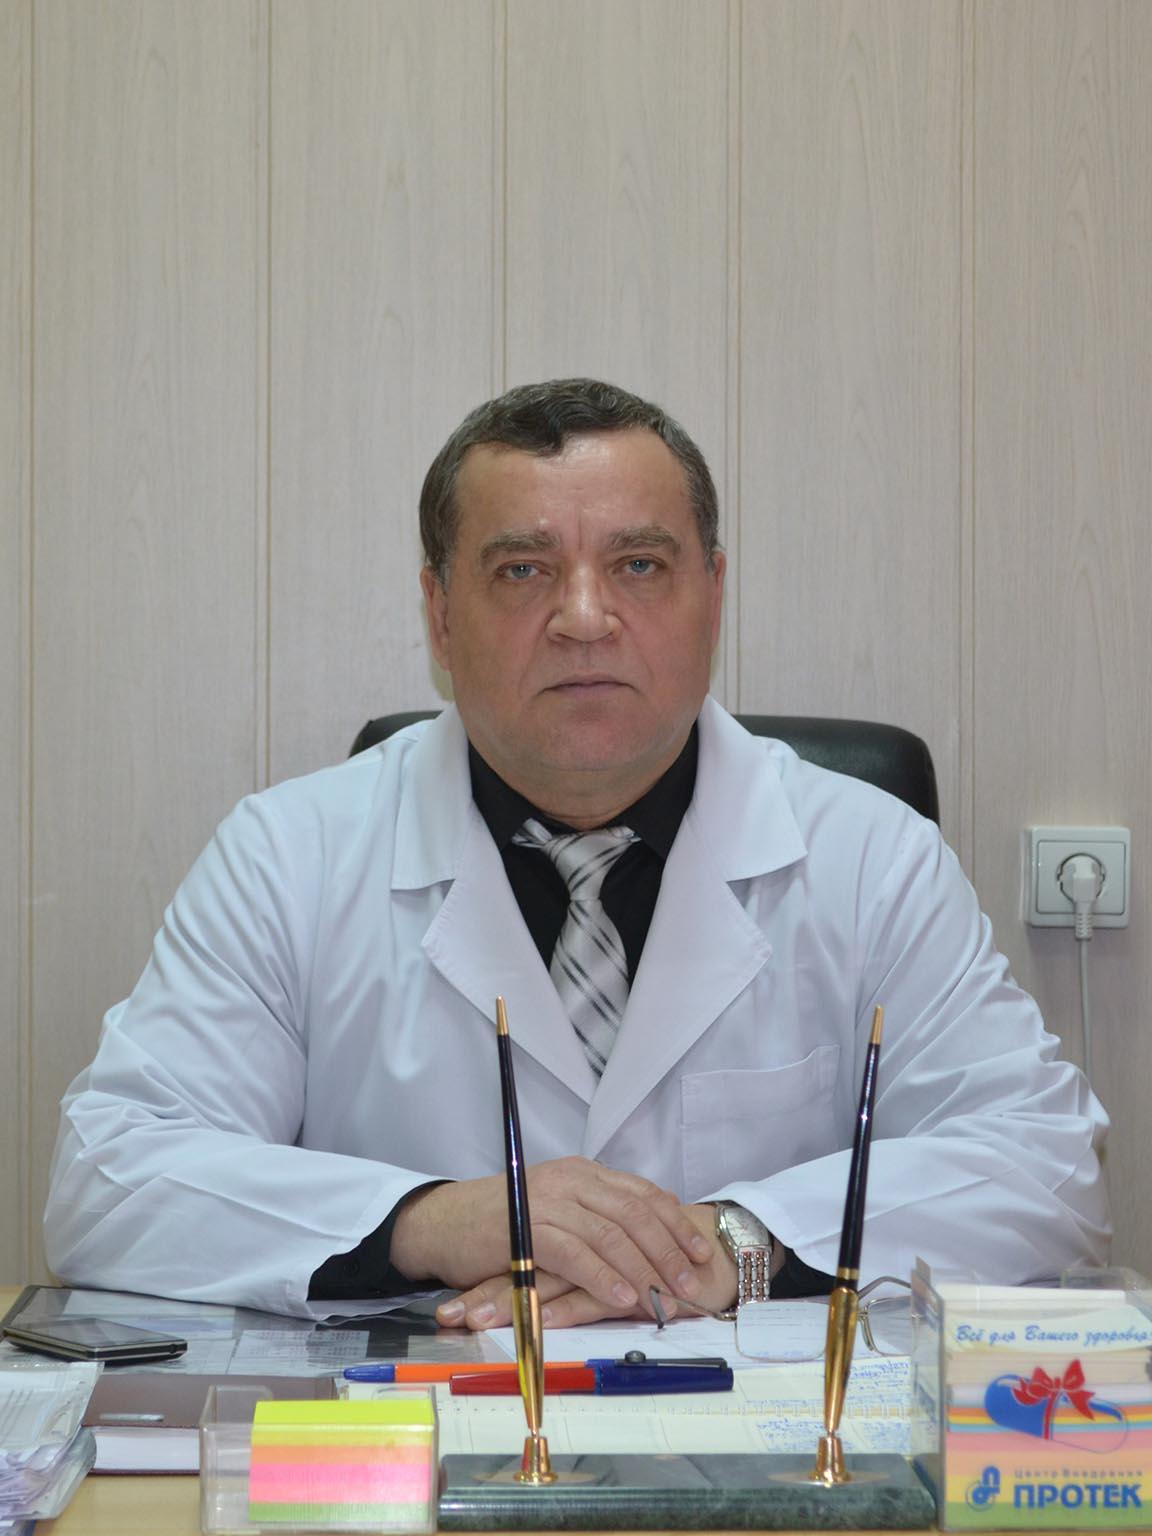 В Омске во время эпидемии COVID-19 уволился еще один опытнейший главврач #Новости #Общество #Омск